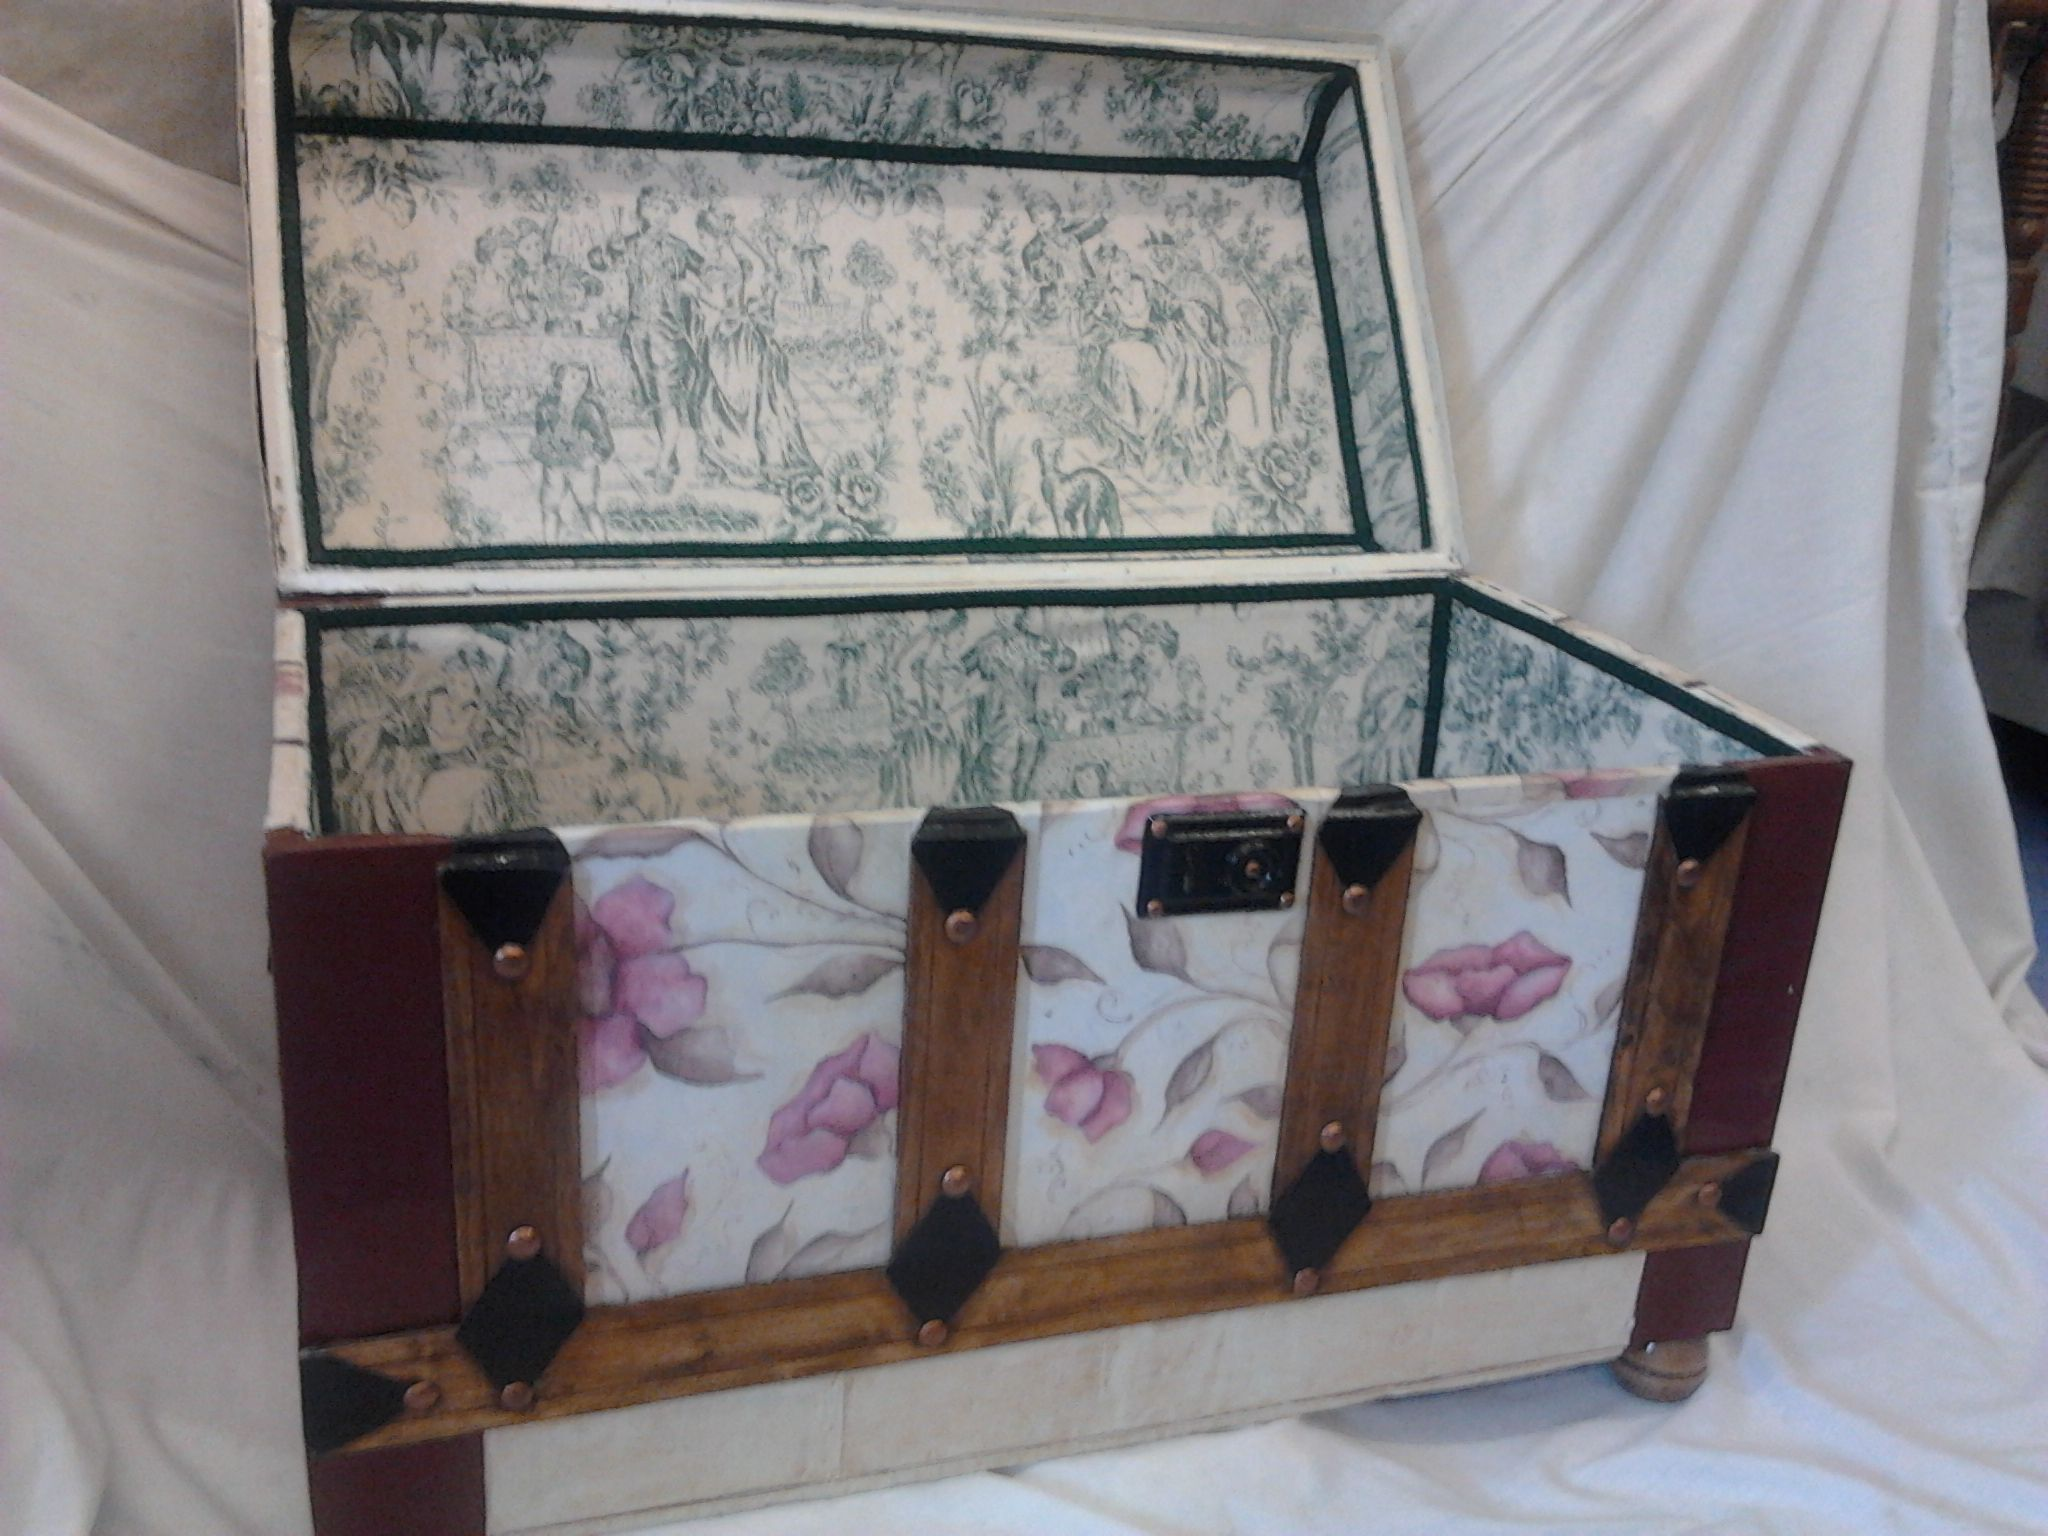 Baul Restaurado Decorado Con Pintura Y Papel Y Forrado Con Tela  # Muebles Forrados Con Papel